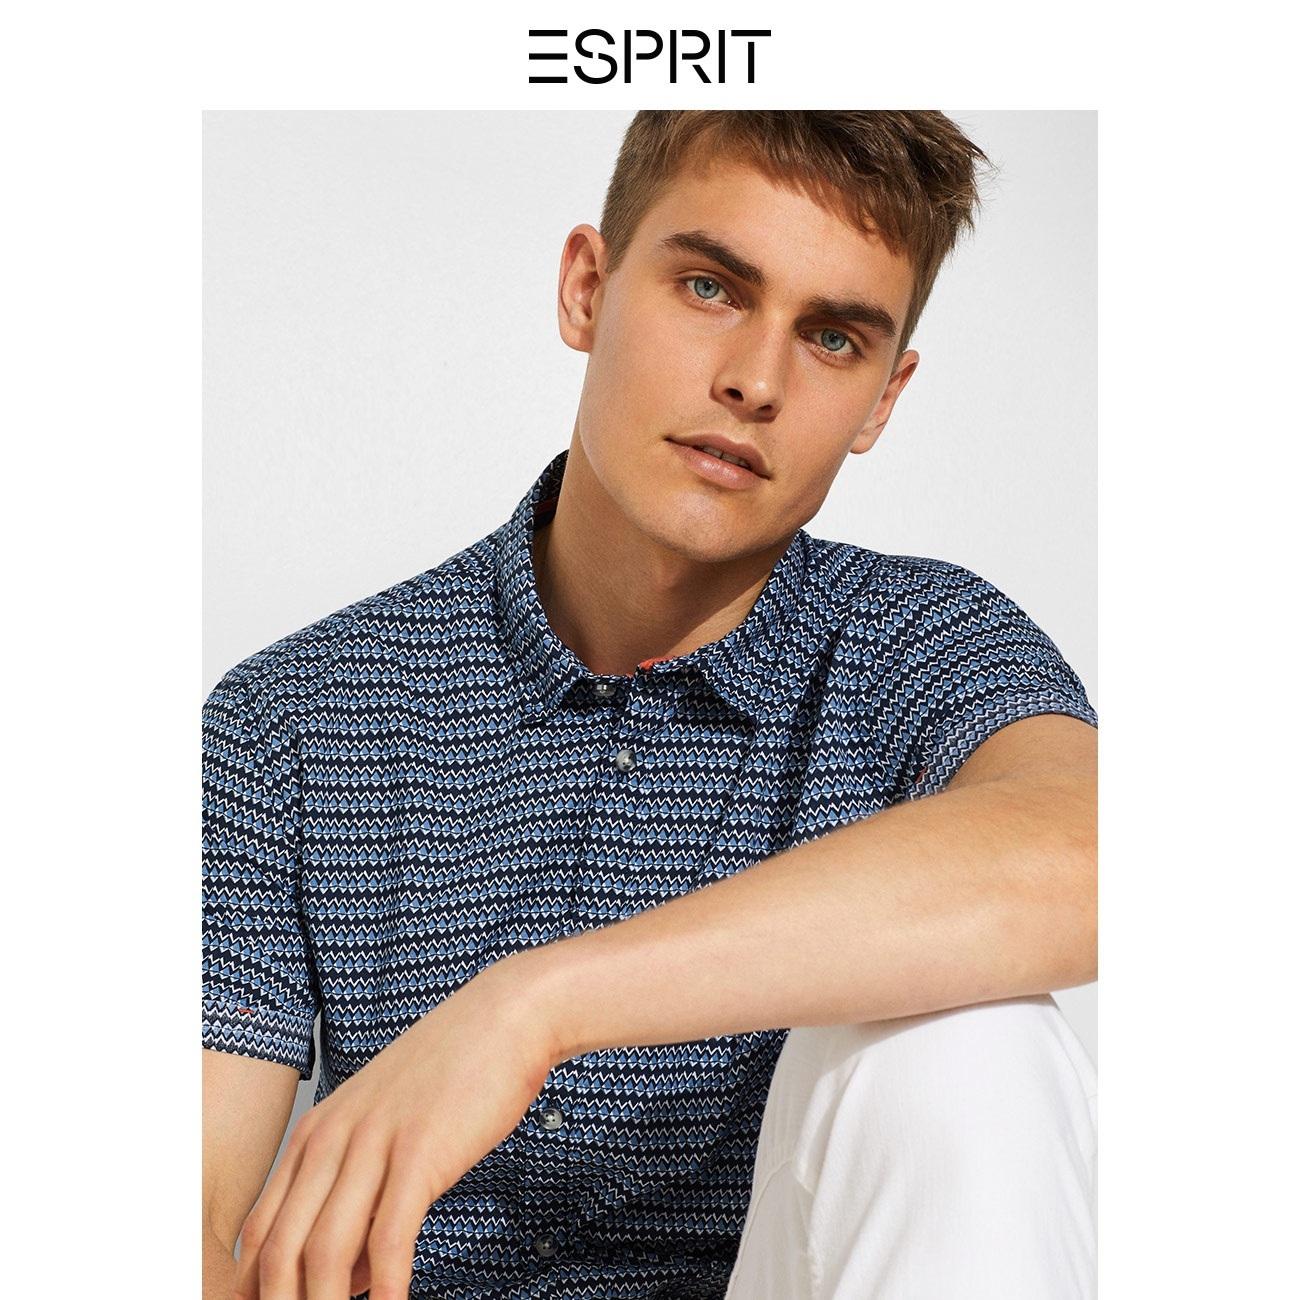 ESPRIT衬衫男短袖商务潮流纯棉男士衬衫夏季新款EDC059CC2F002 99元